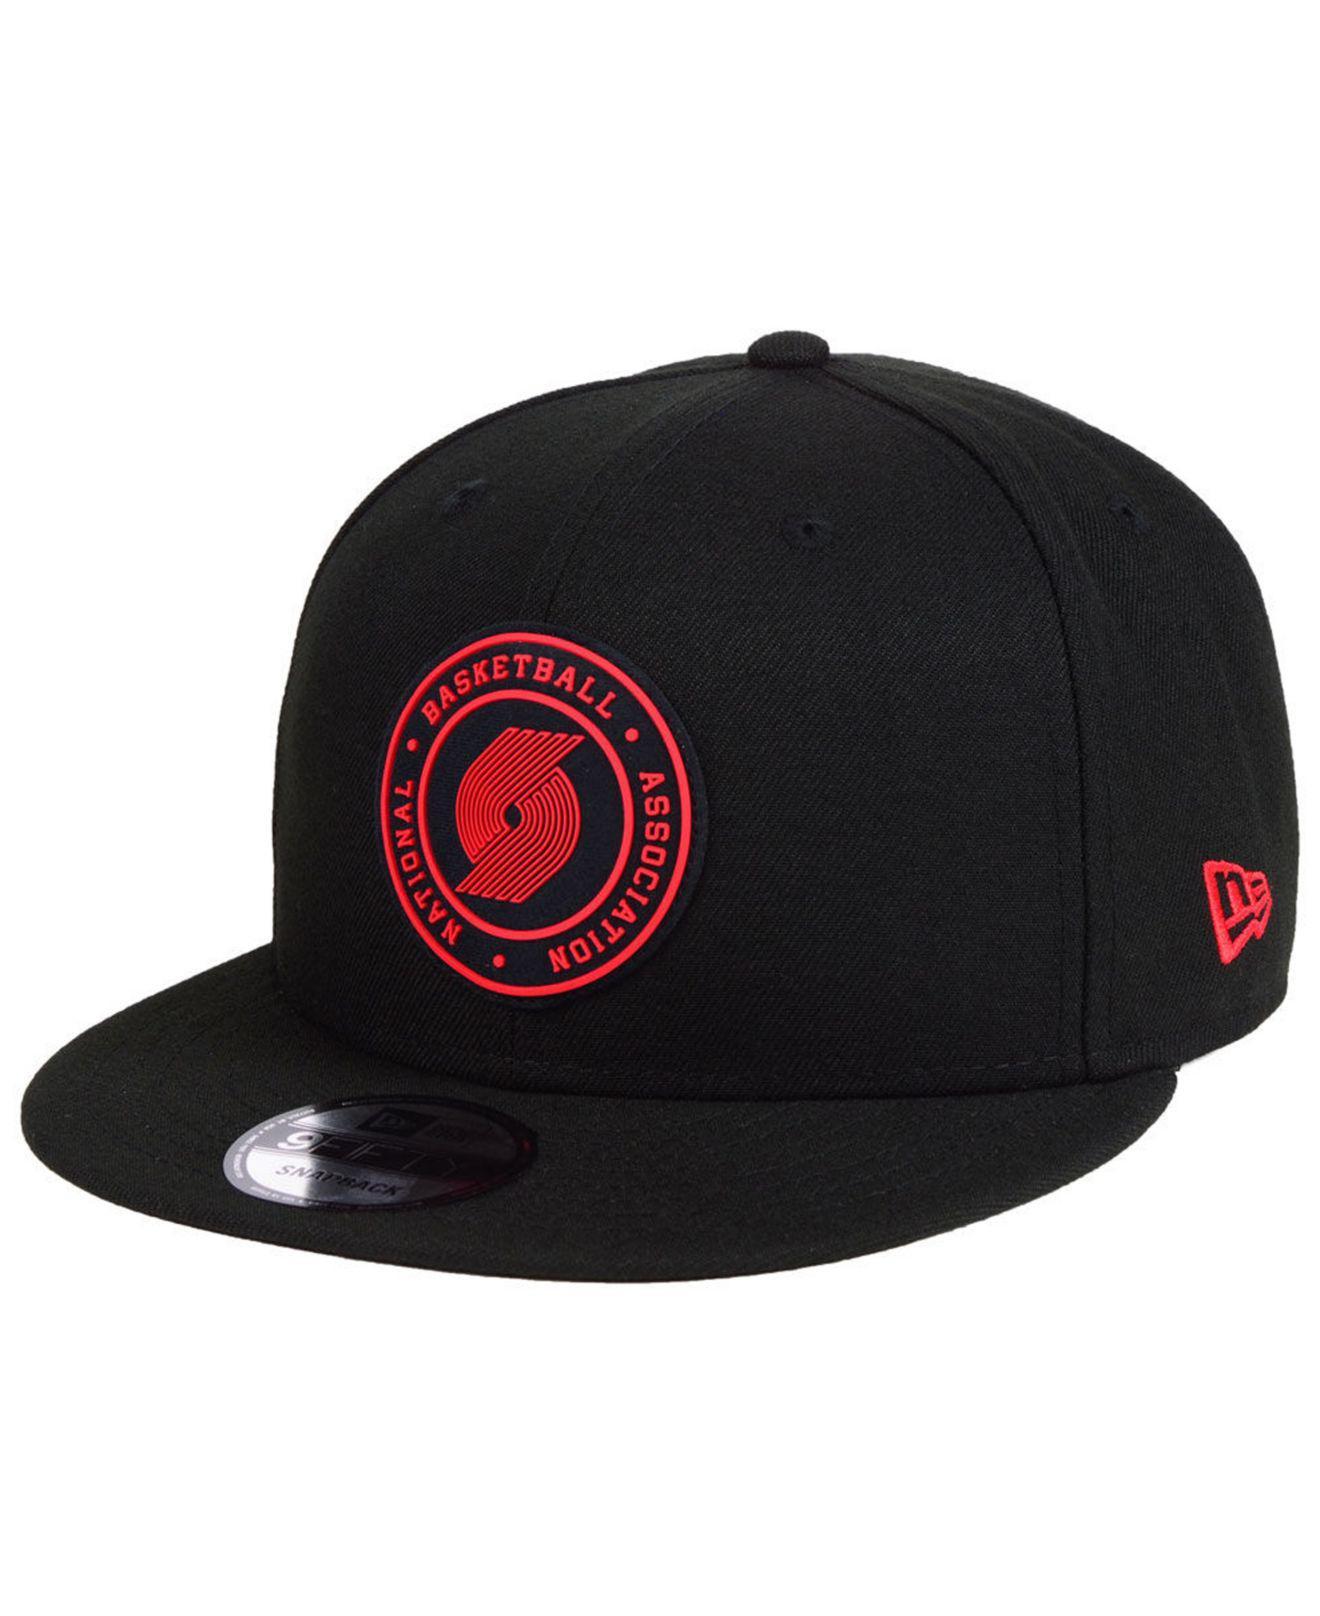 Lyst - Ktz Portland Trail Blazers Circular 9fifty Snapback Cap in ... 594c2a5b3f29